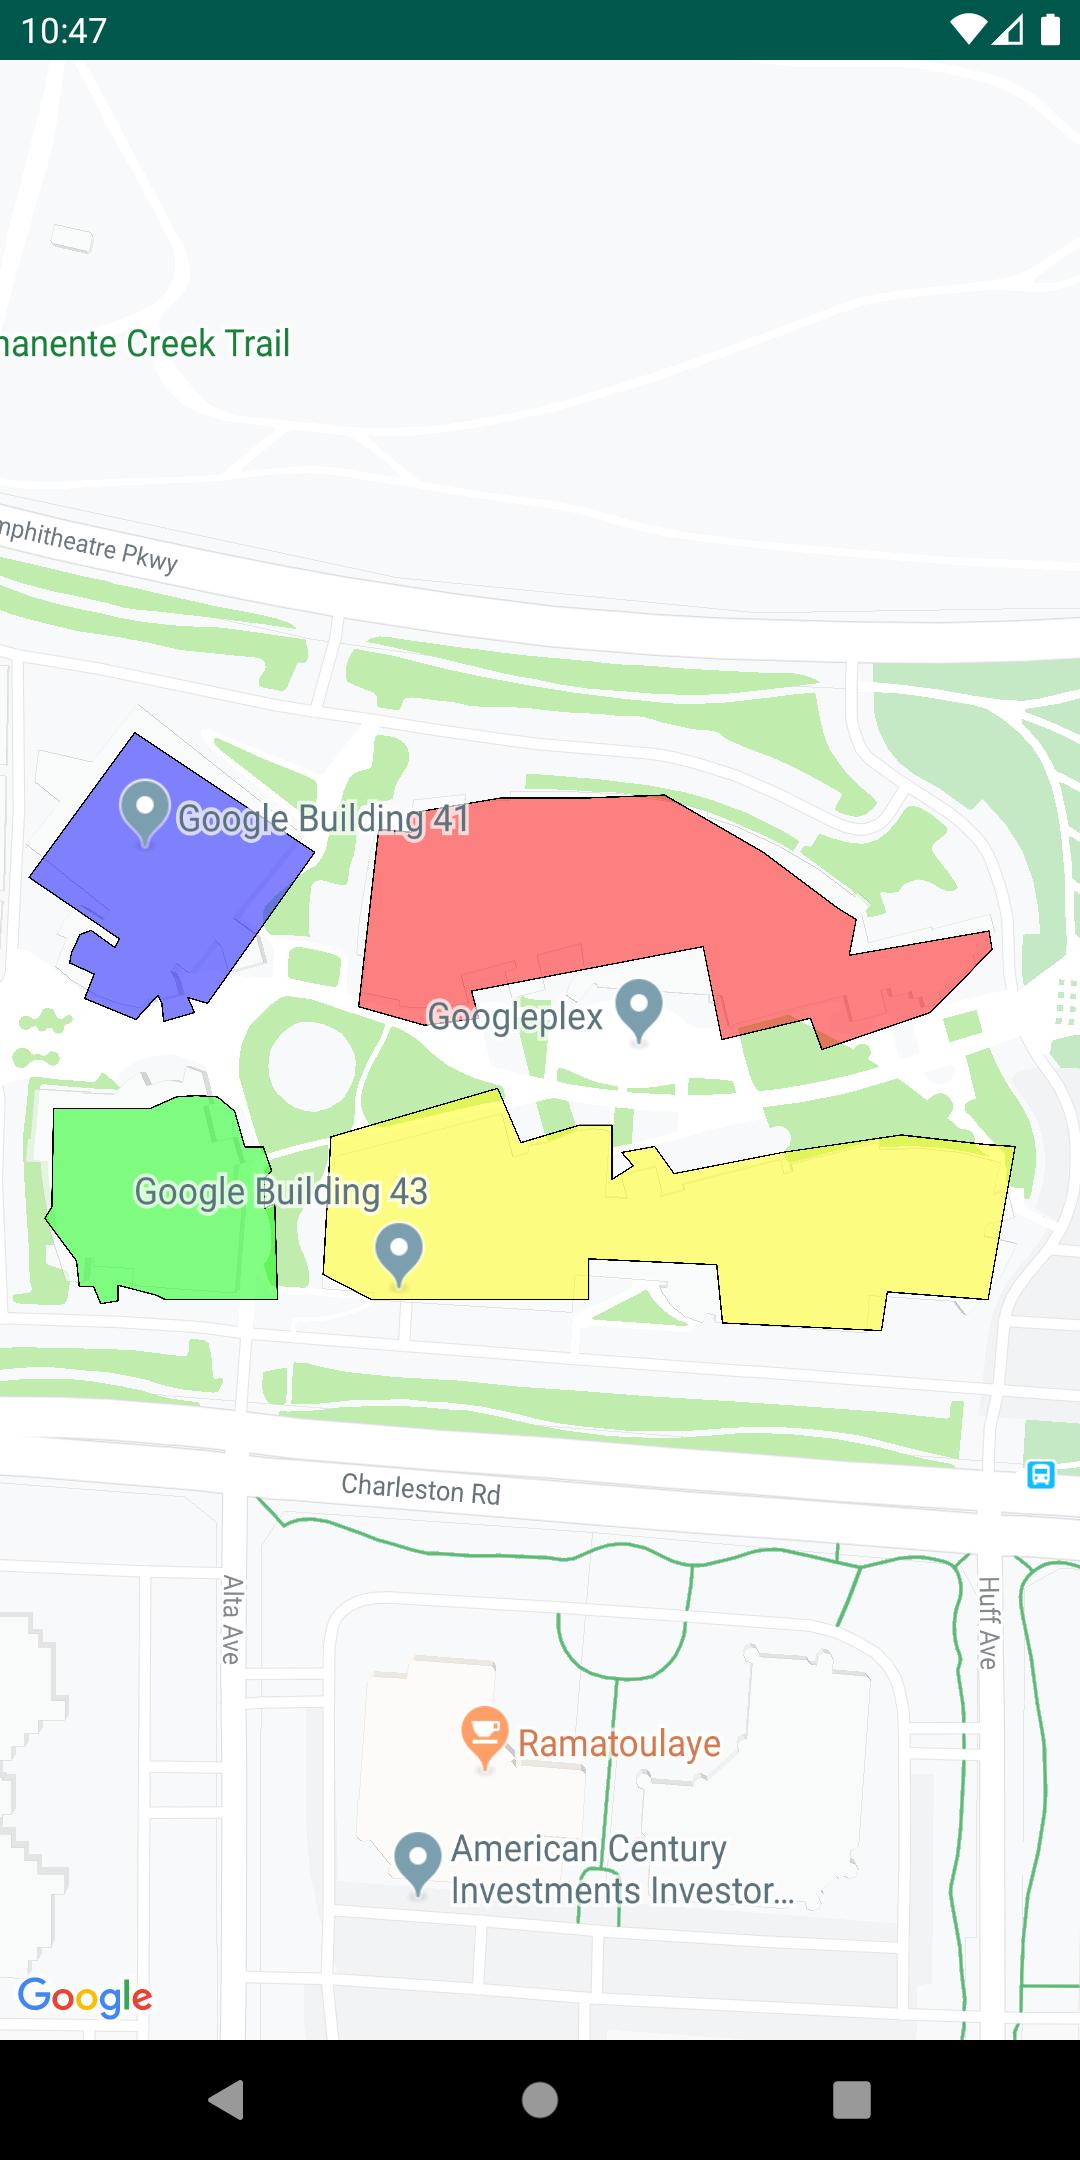 Eine Karte mit einer KML-Ebene